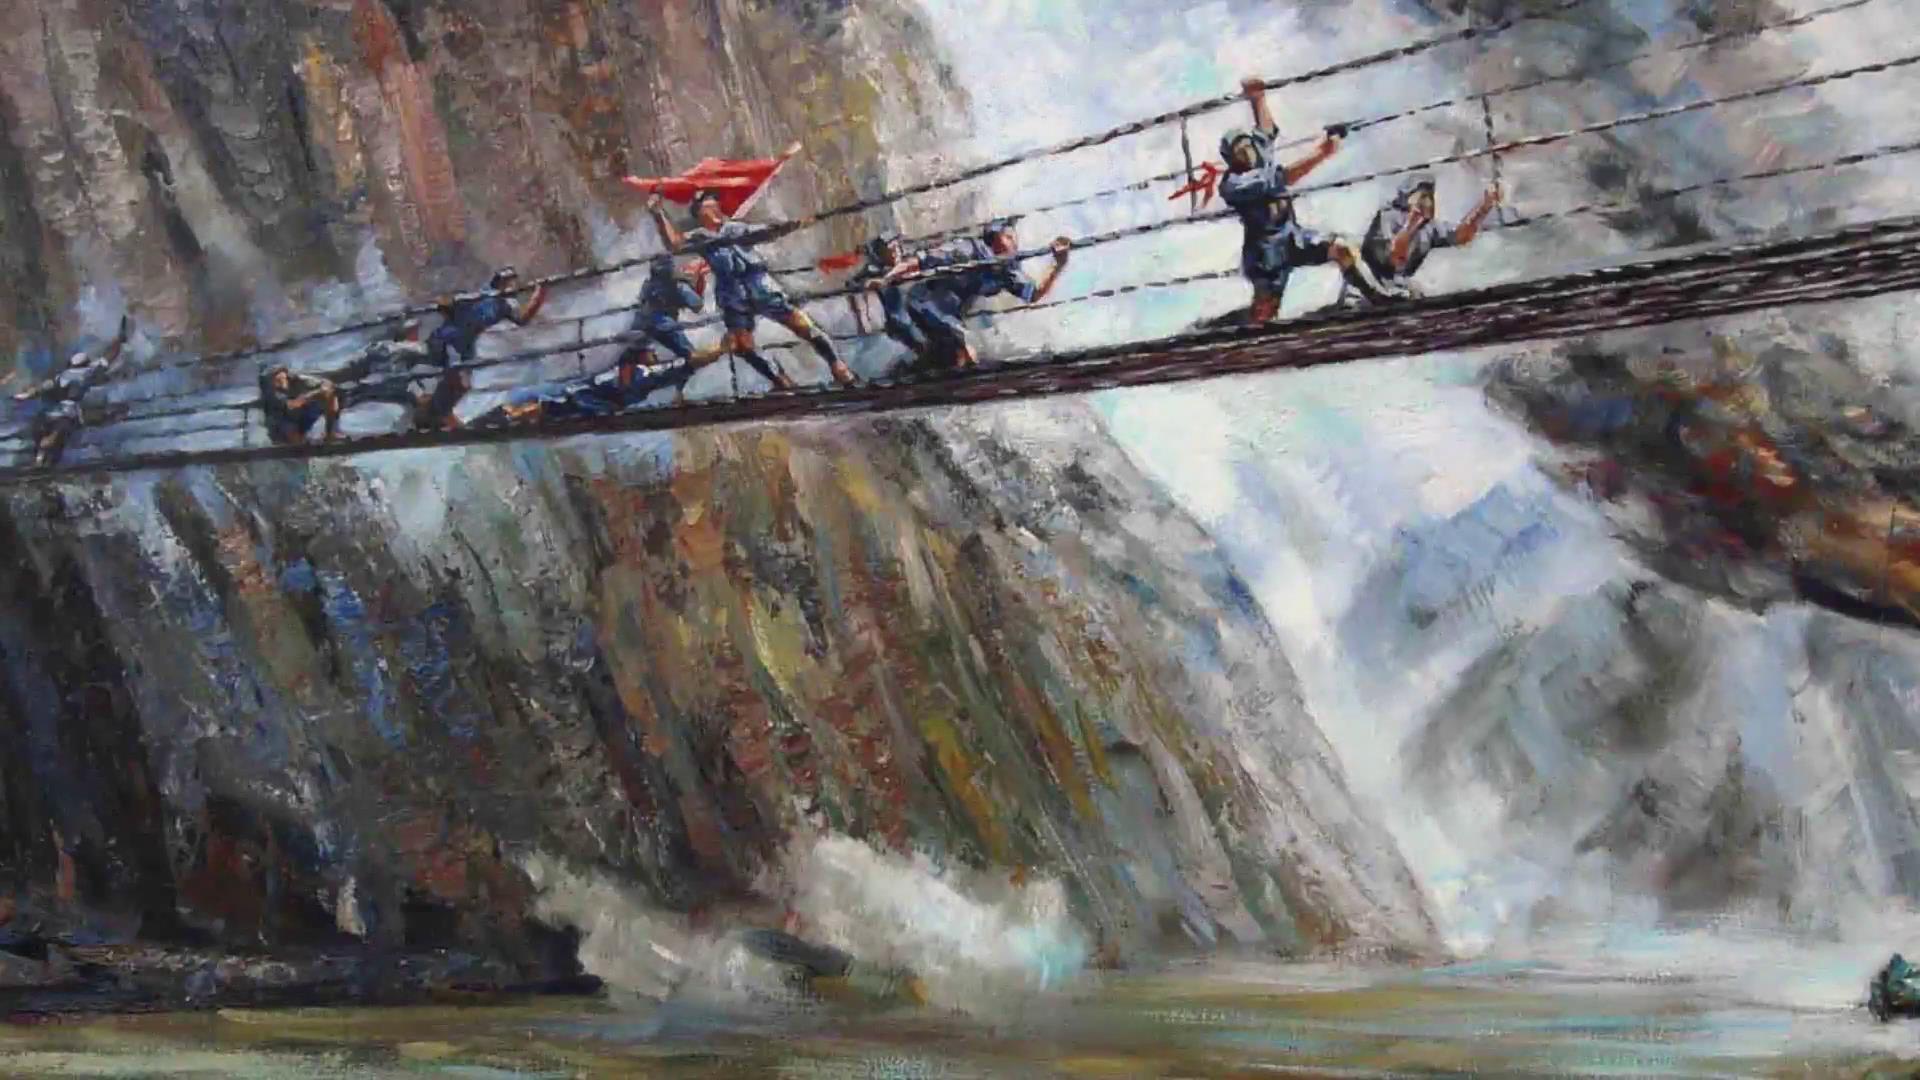 卫星视角再现红军飞夺泸定桥军事奇迹图片